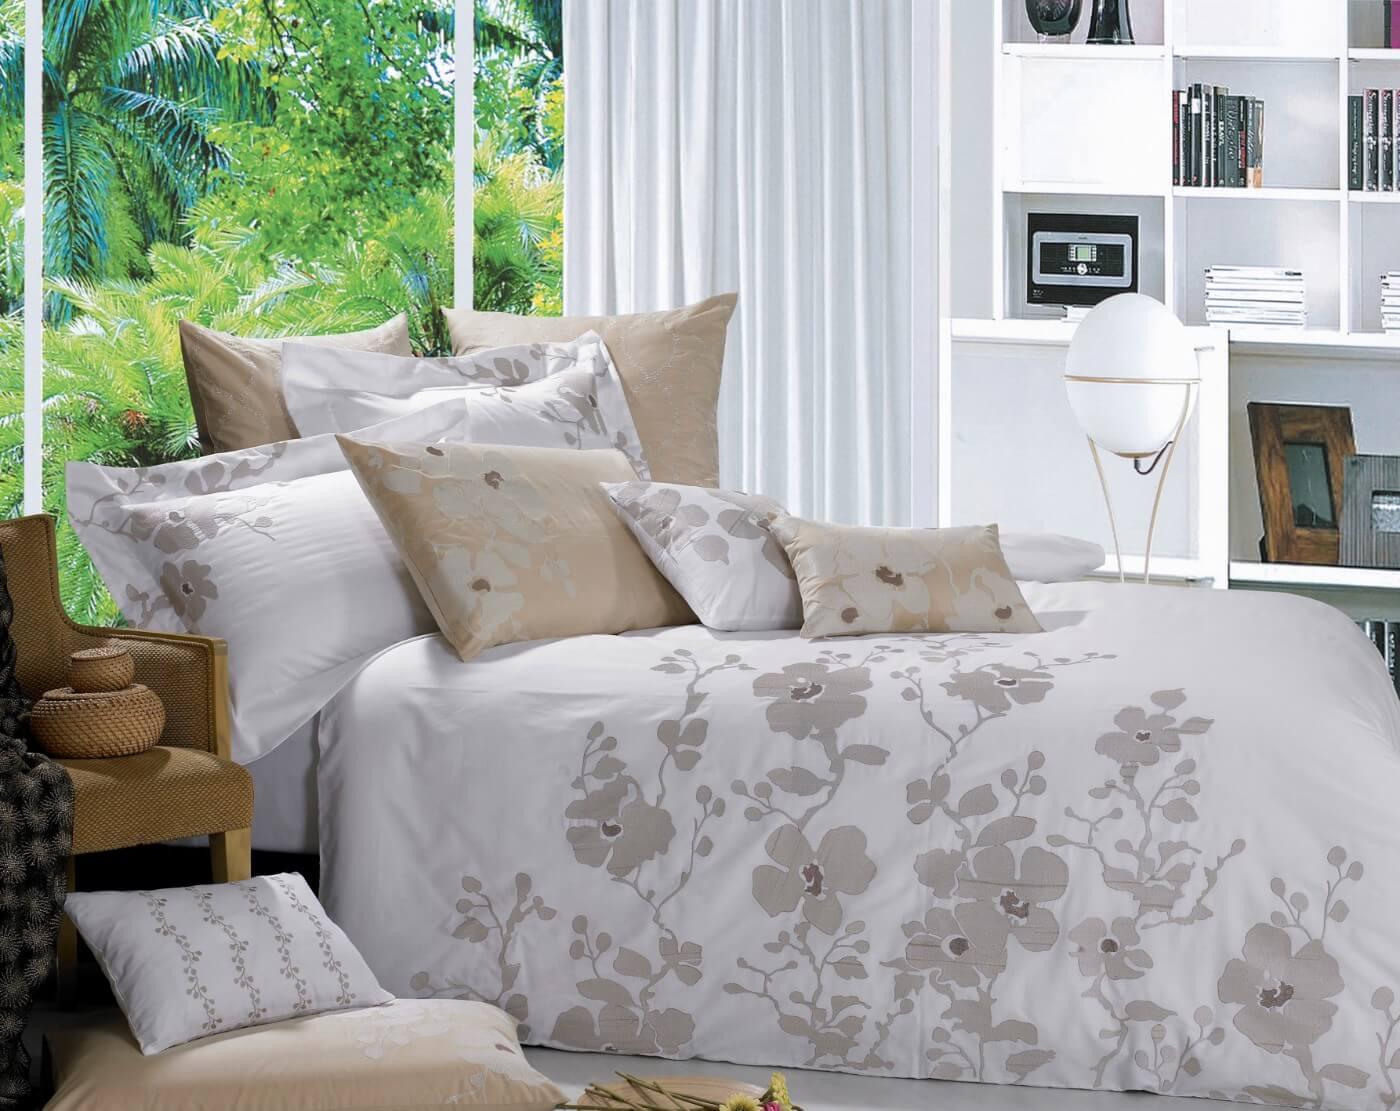 Maishaa Thread Art Collection Bed Linen 5